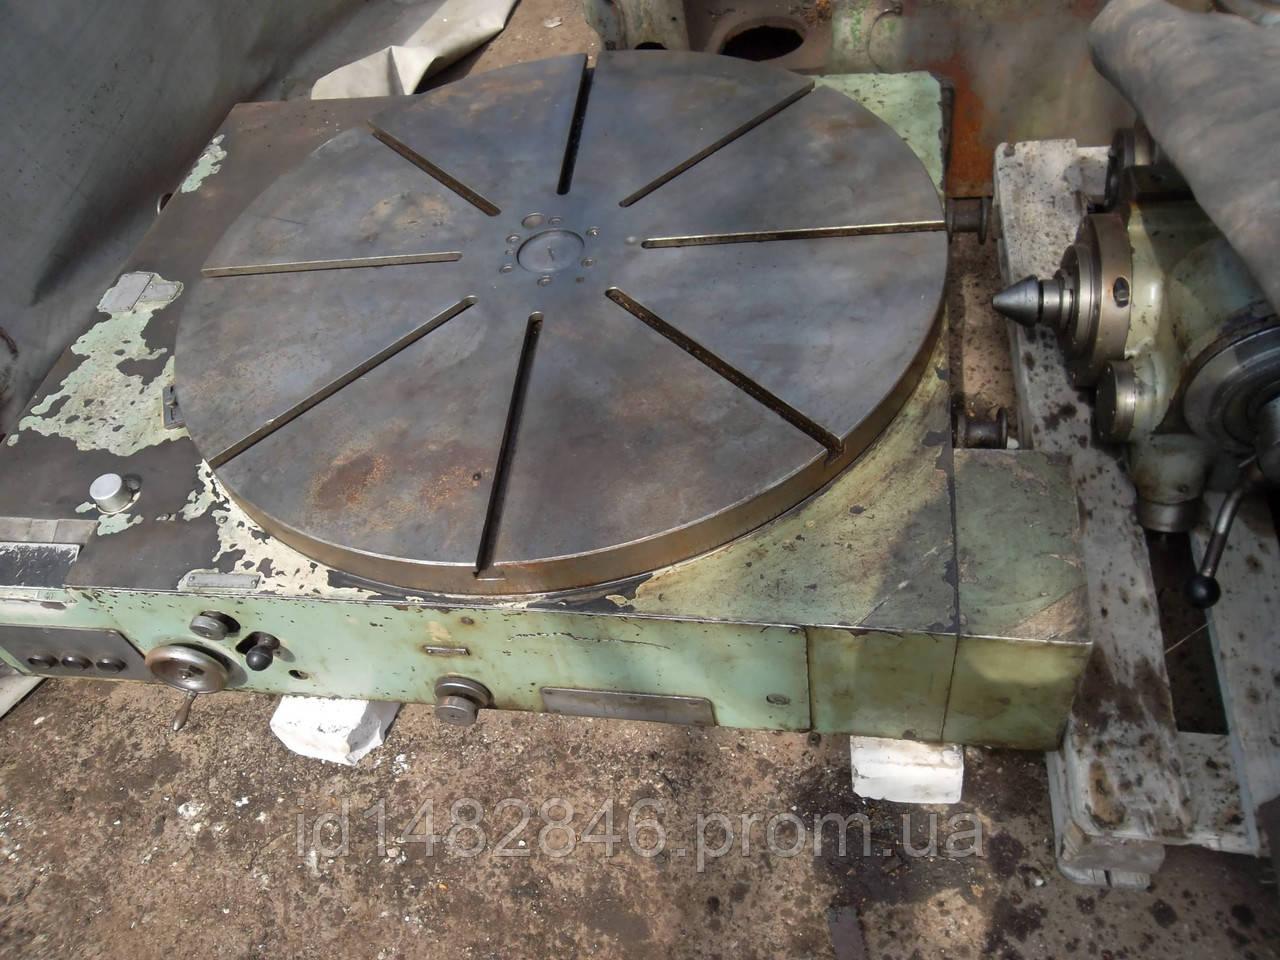 Стол поворотный делительный с индуктивной системой отсчета 7400-0009 ф1000 mm.